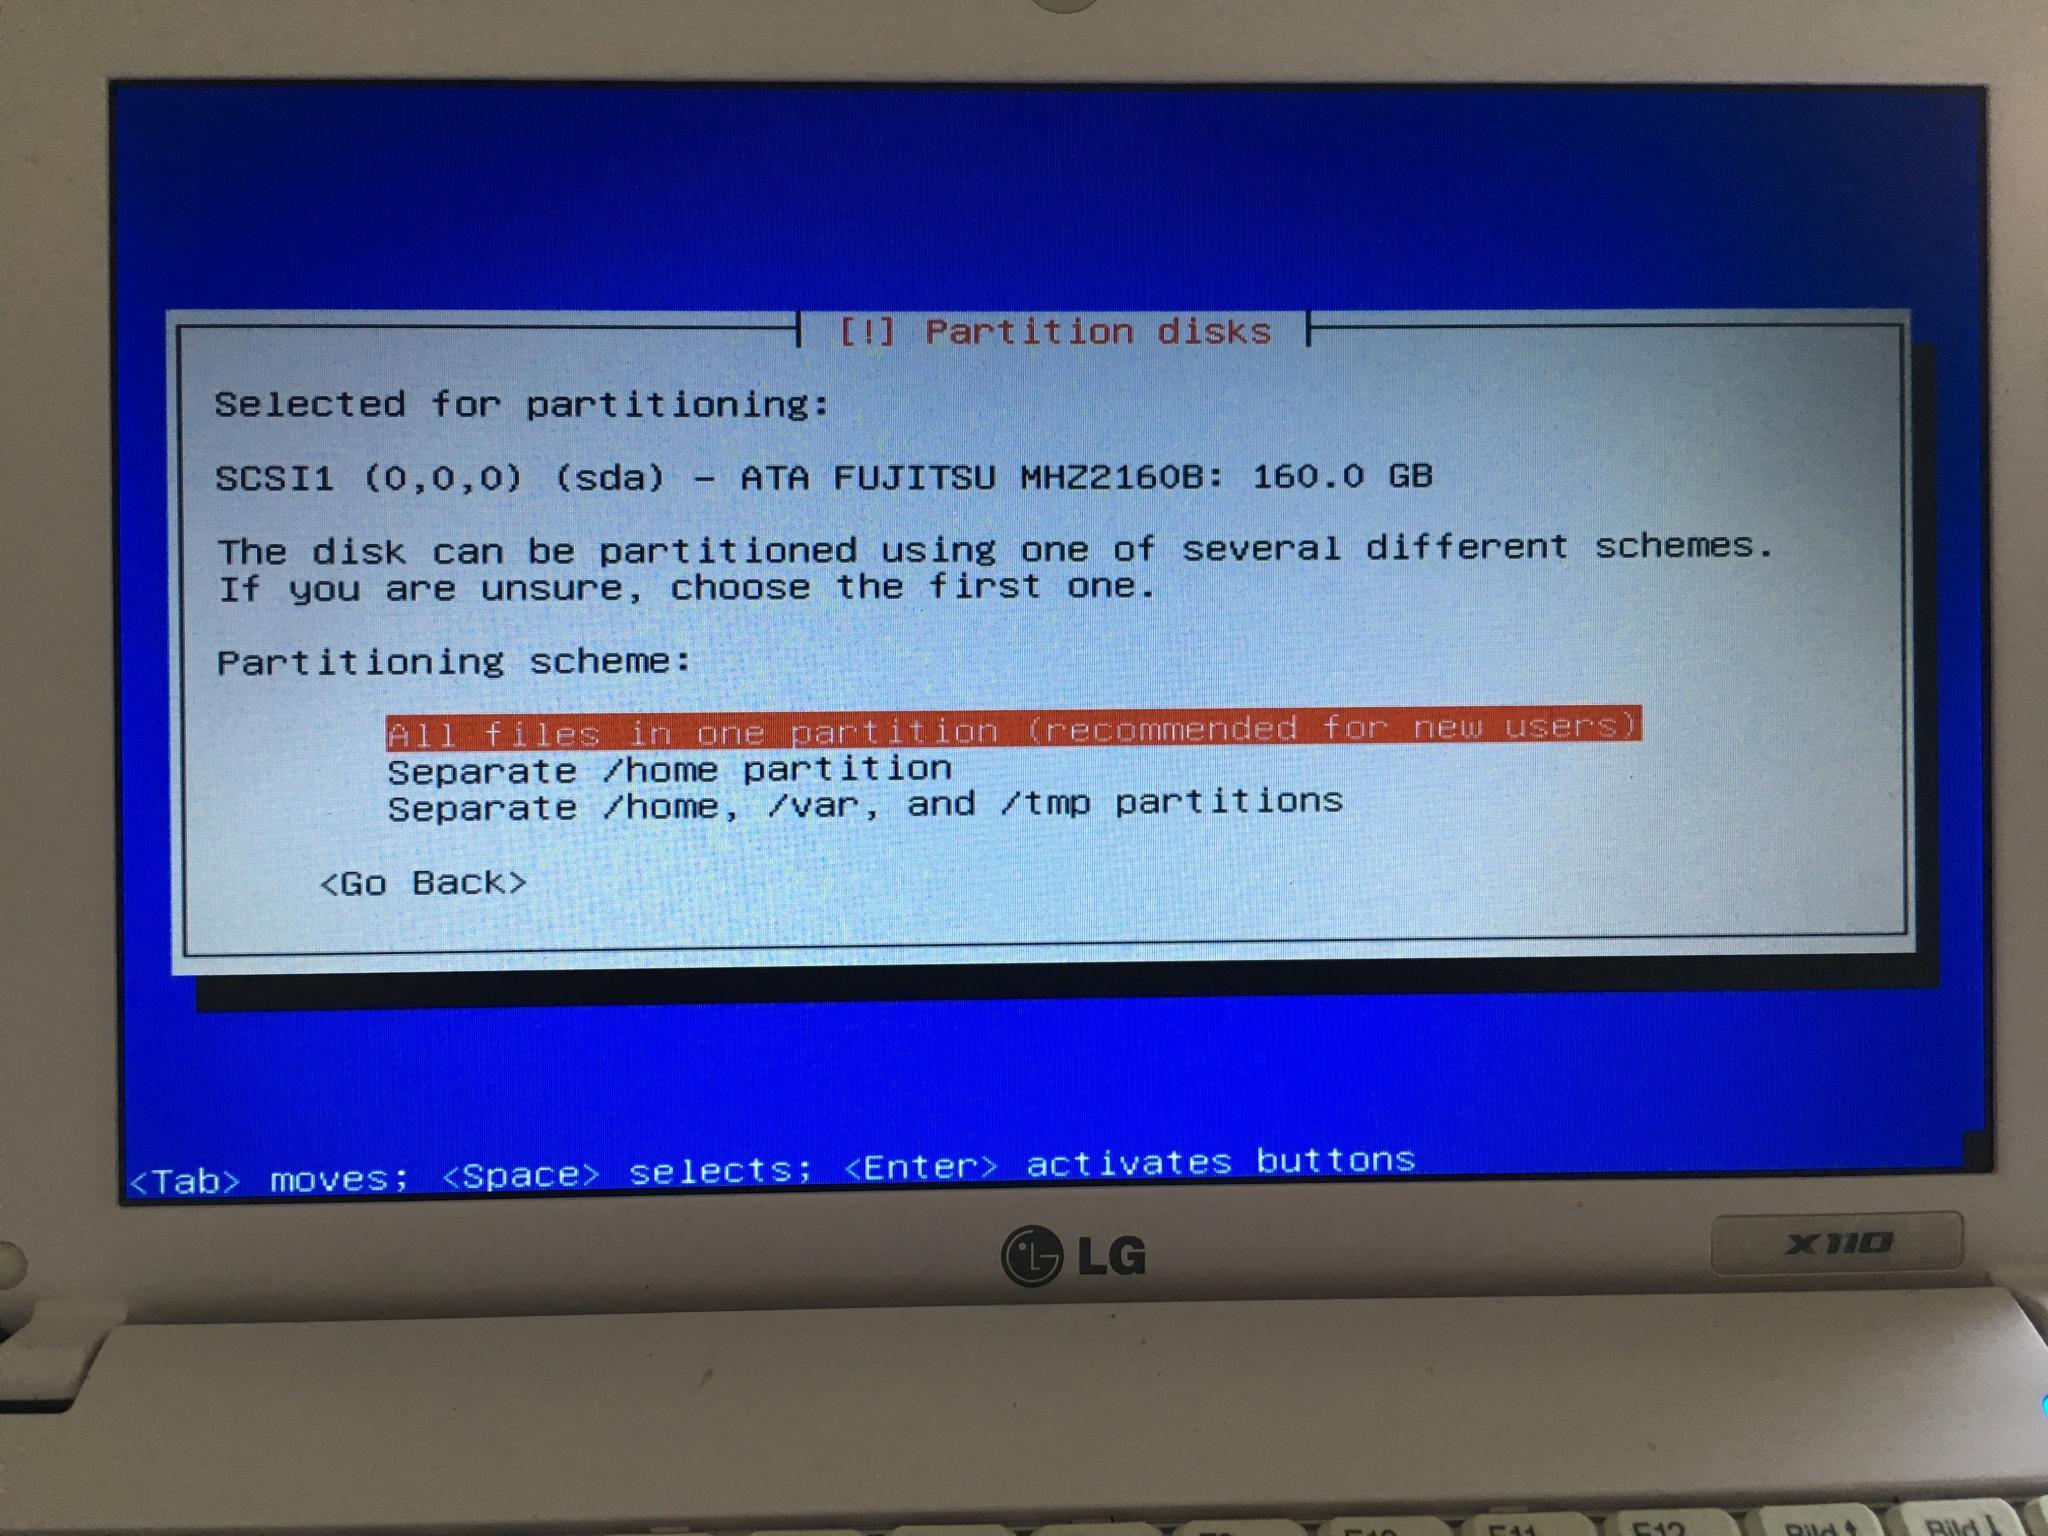 Nun müsst Ihr noch die Festplatte partitionieren. Ihr könnt dabei die Voreinstellungen übernehmen.